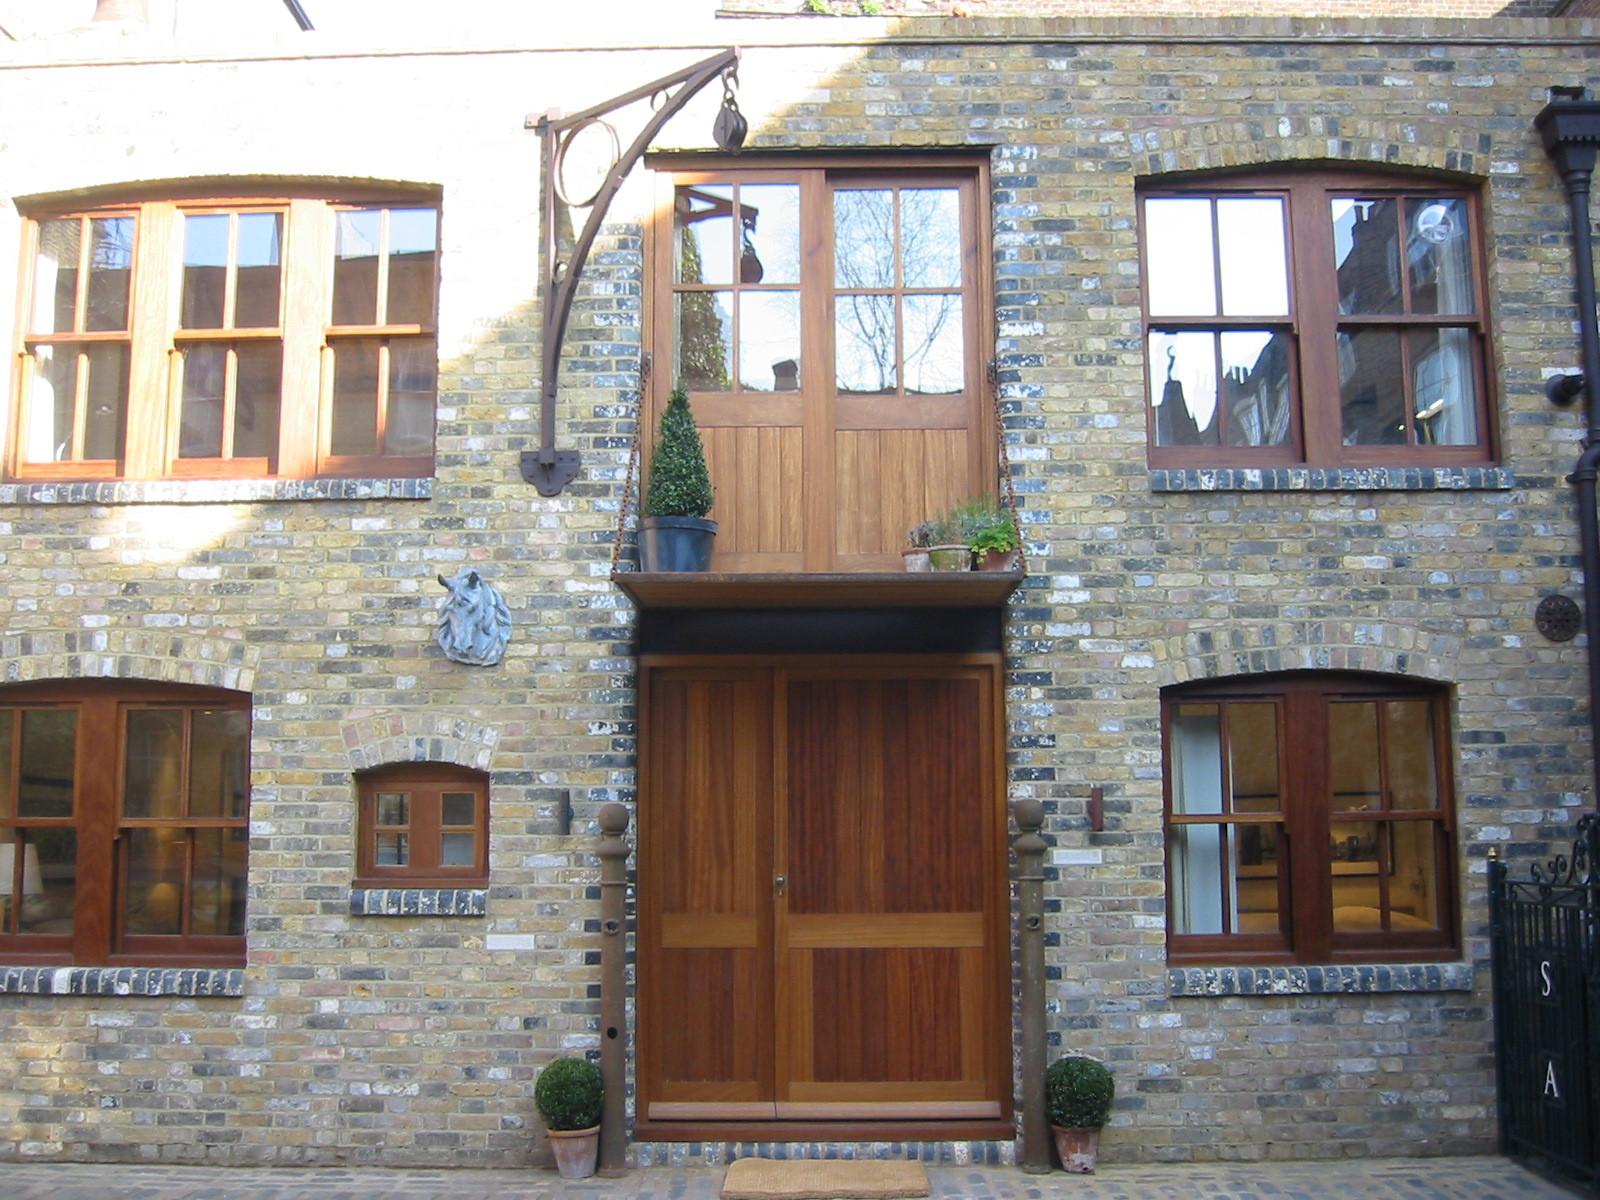 Fournier St, Spitalfields © footprintdesignstudio | Architecture | Interior Design | Greenwich | London